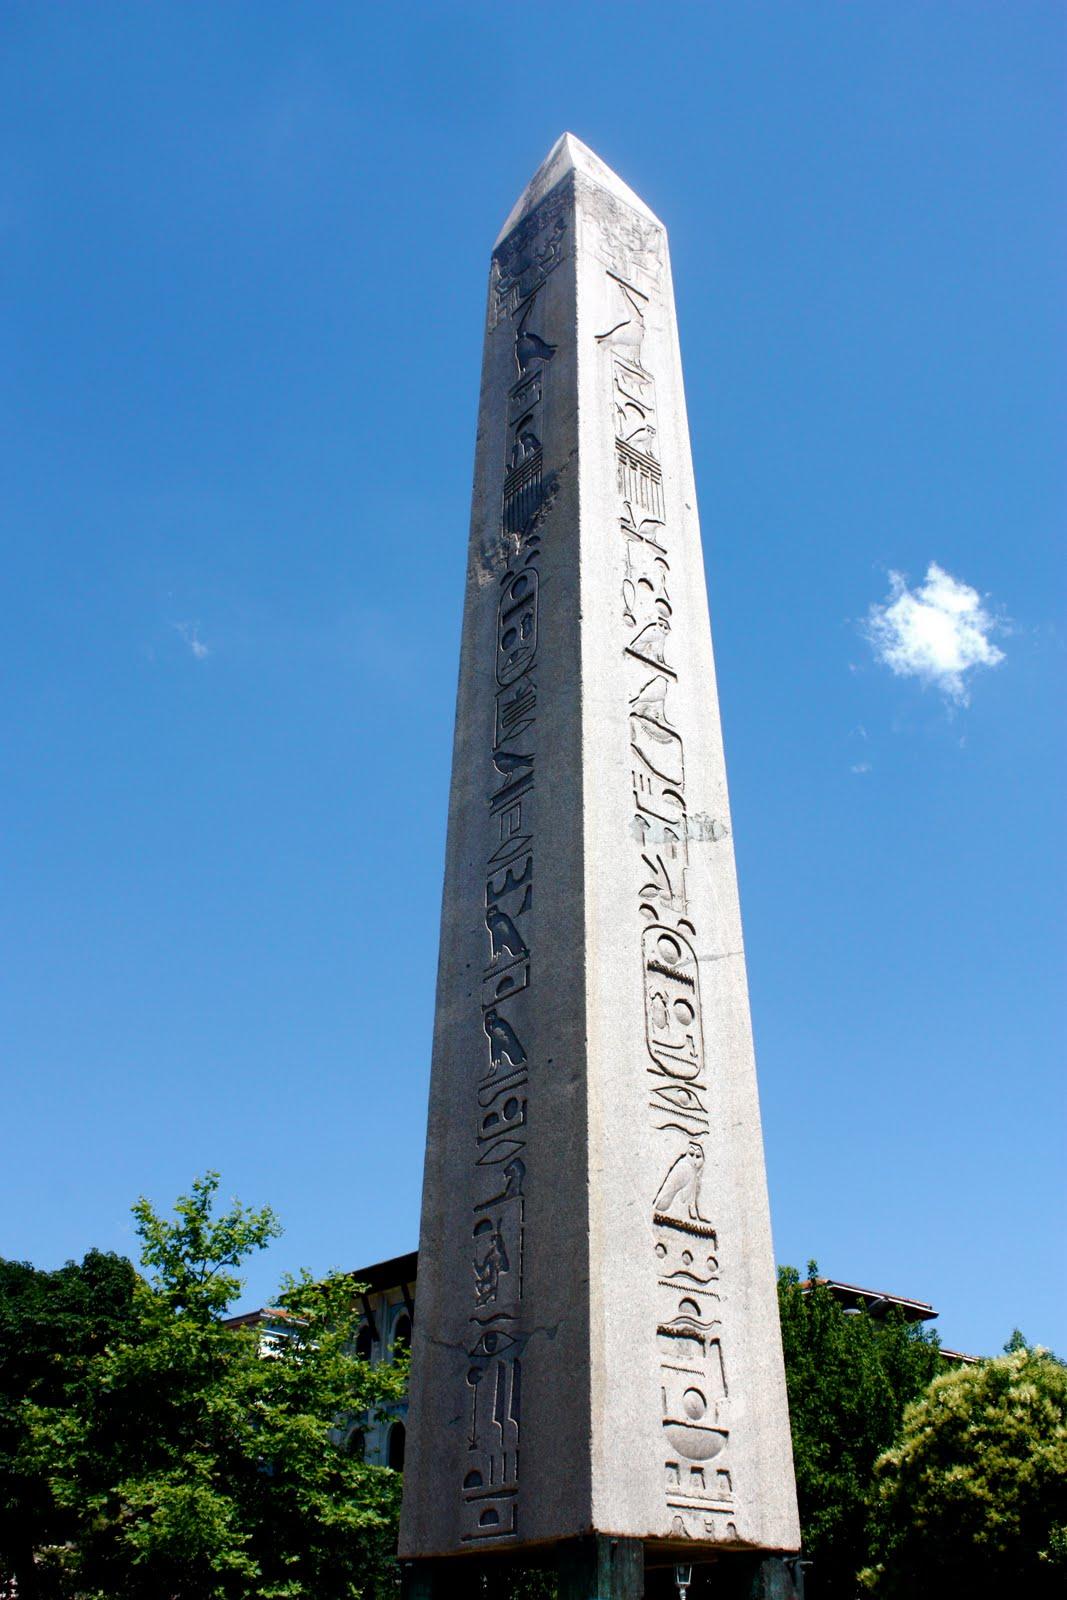 زيارة الى دروم ساحة الألعاب فى تركيا | Hippodrome of Constantinople